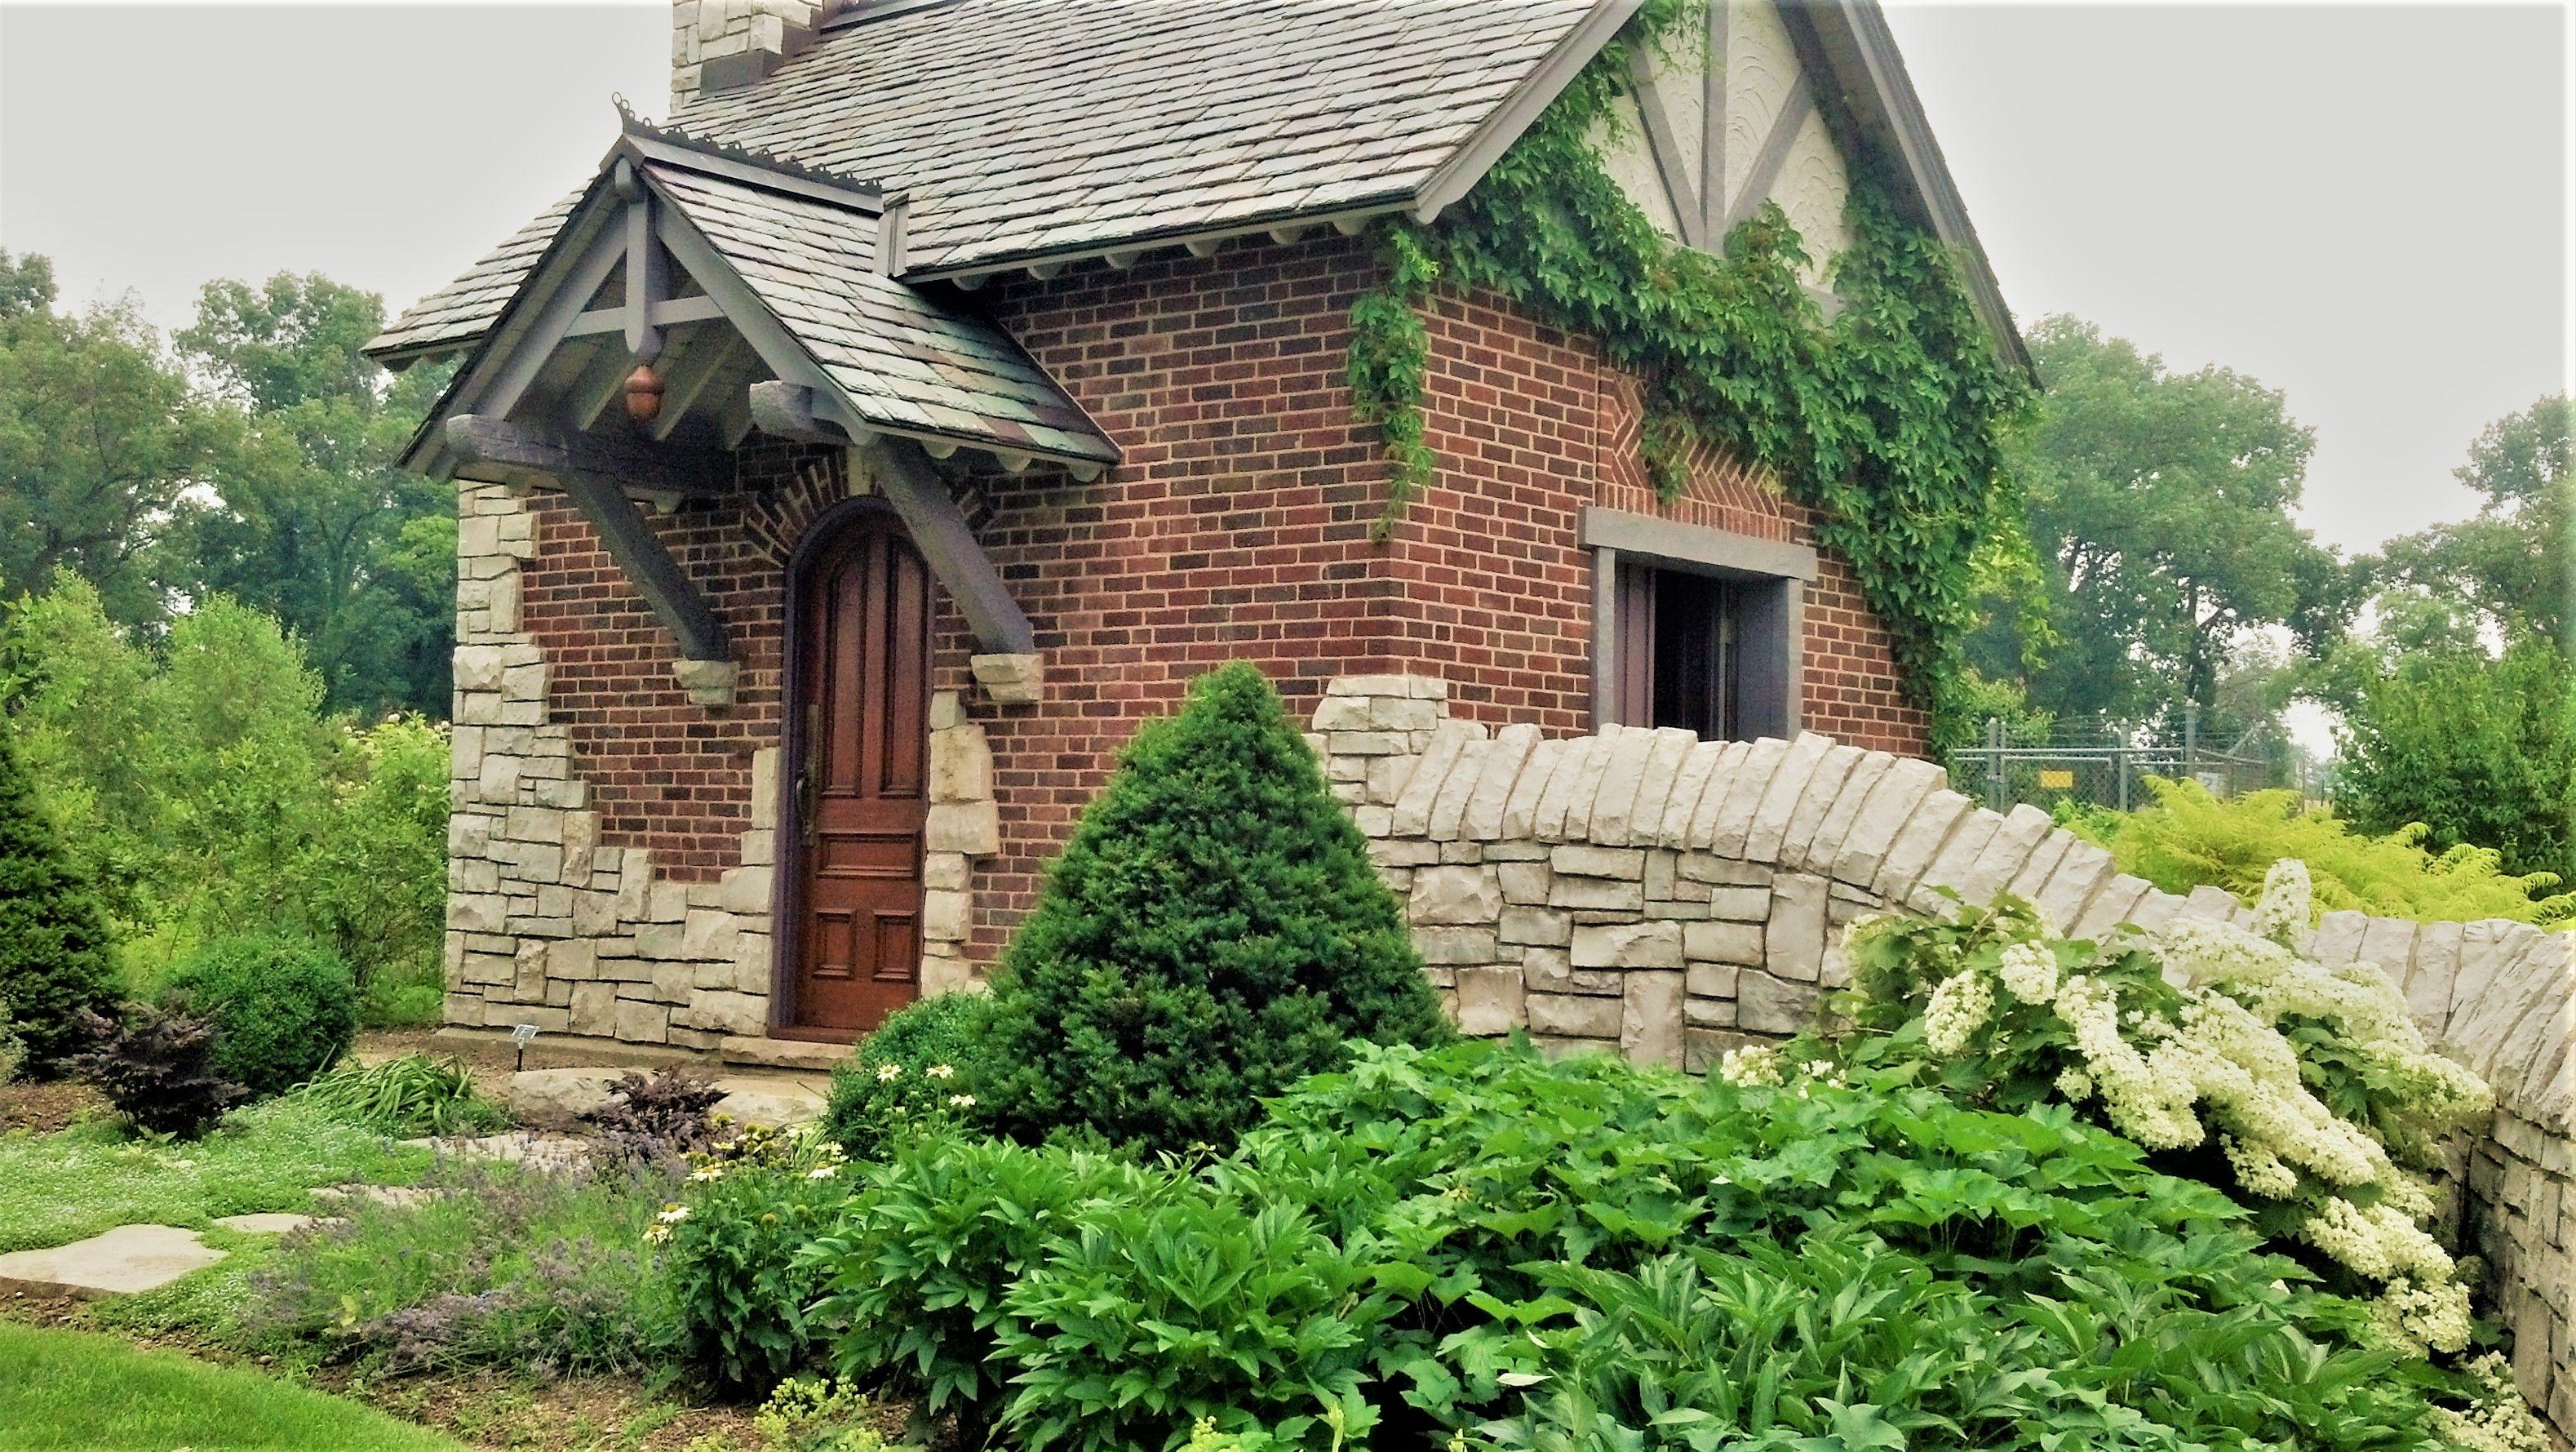 6ee277271131aa5f0ed7b79236b50350 - Wellfield Botanic Gardens In Elkhart Indiana